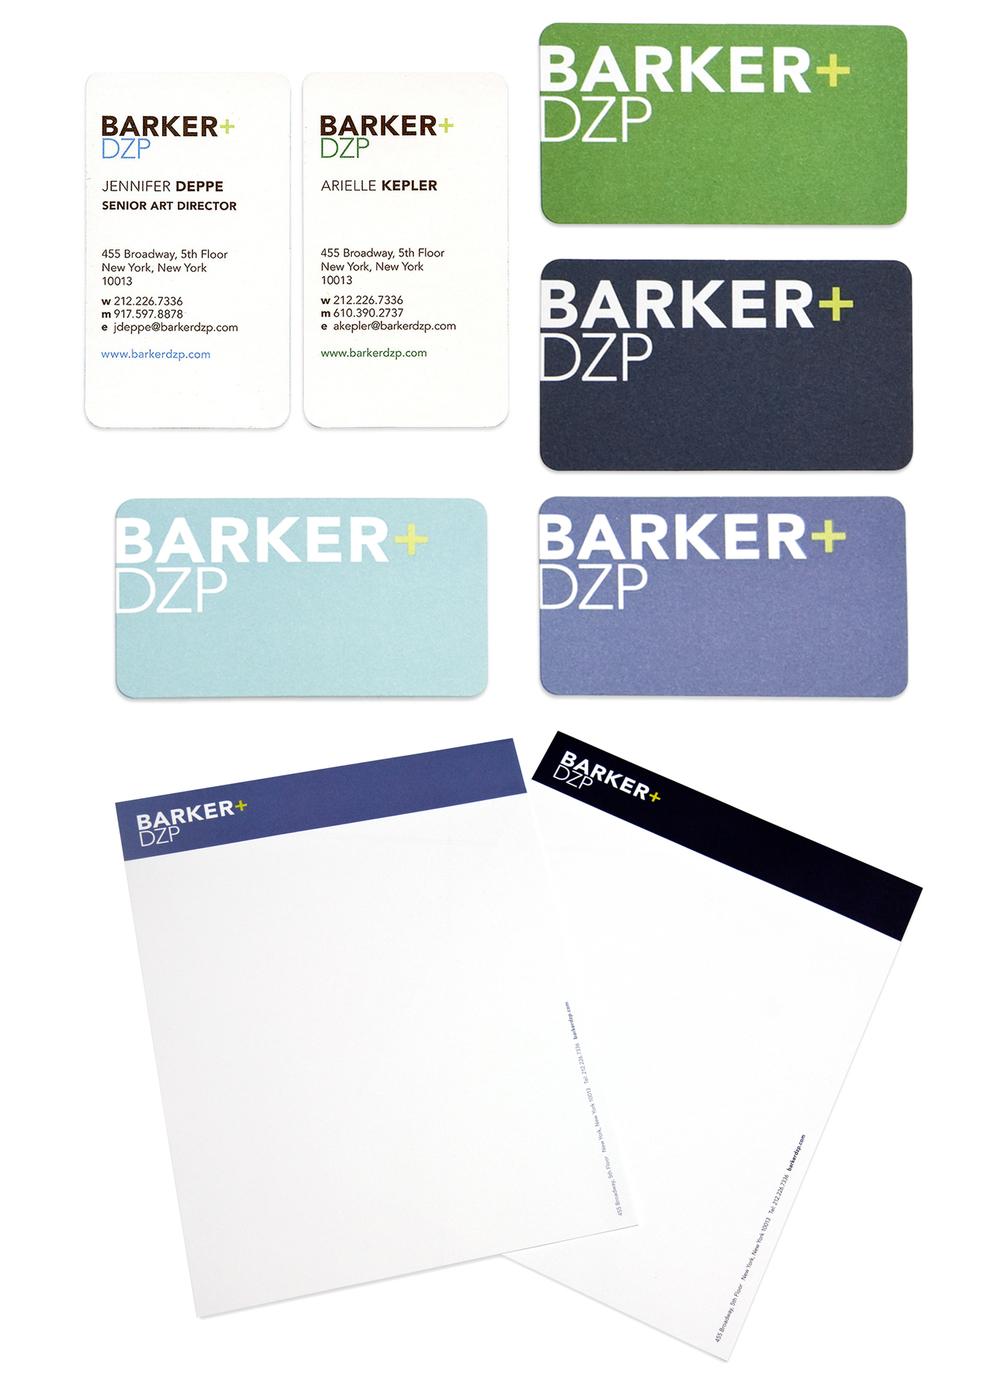 Barker+DZP